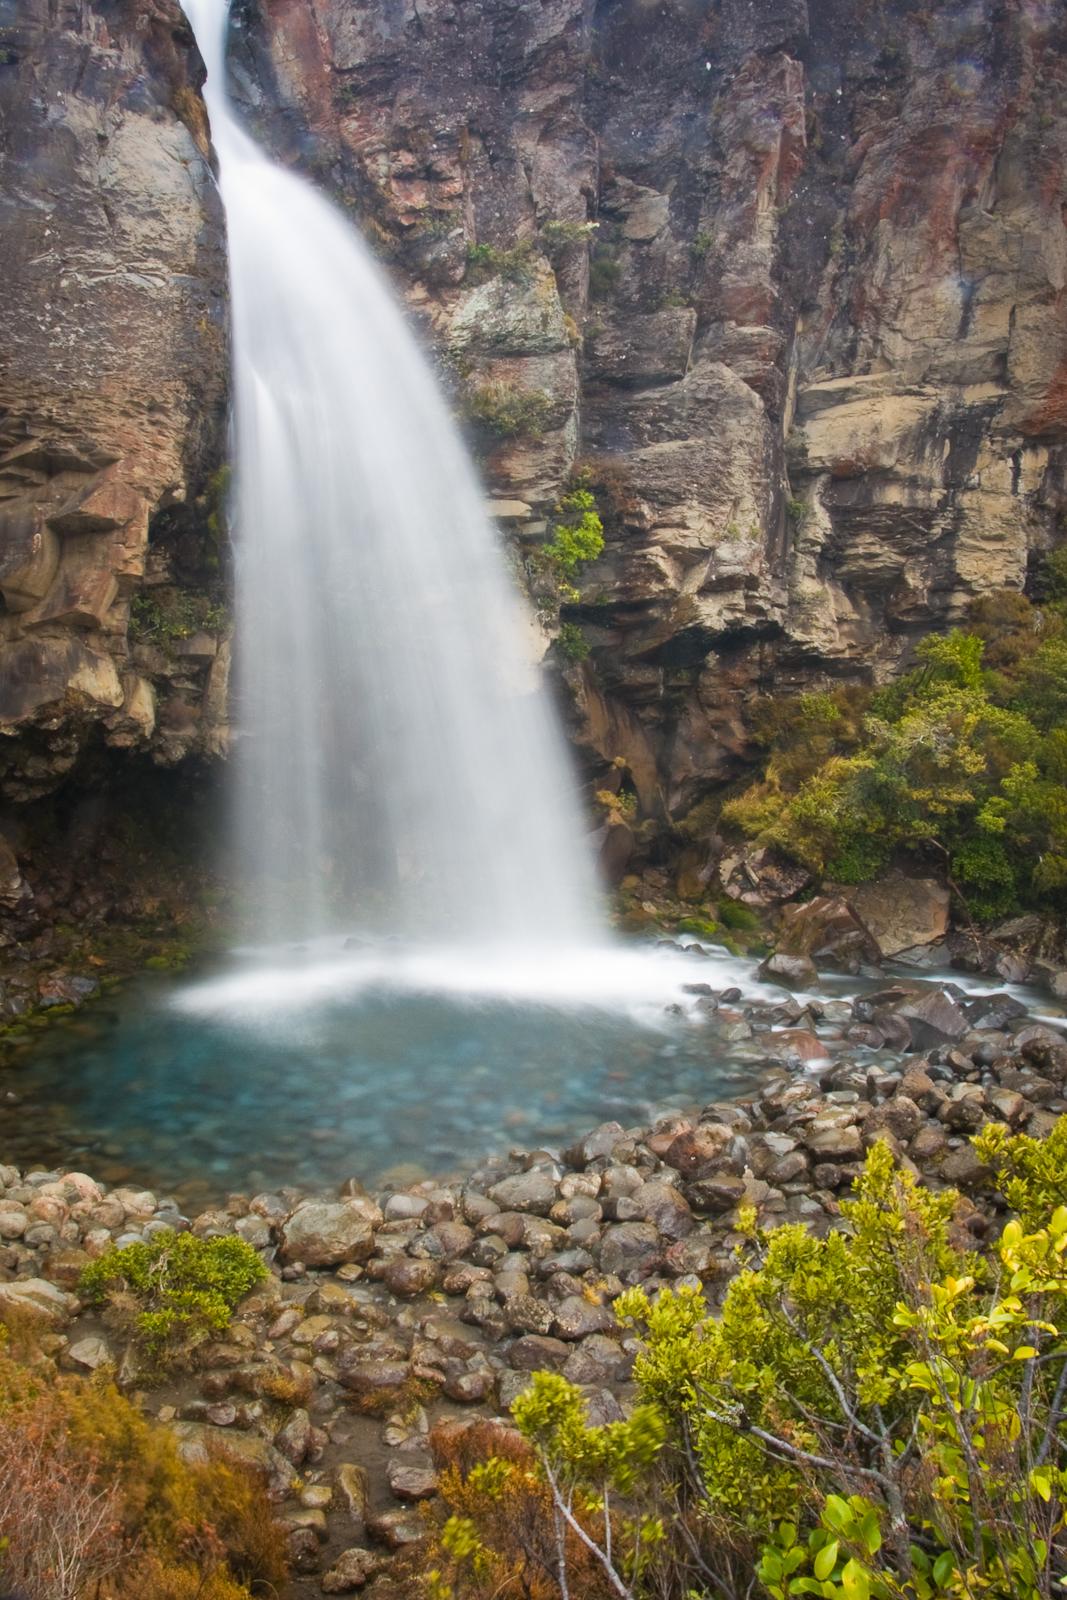 Taranaki Falls at Tongariro National Park